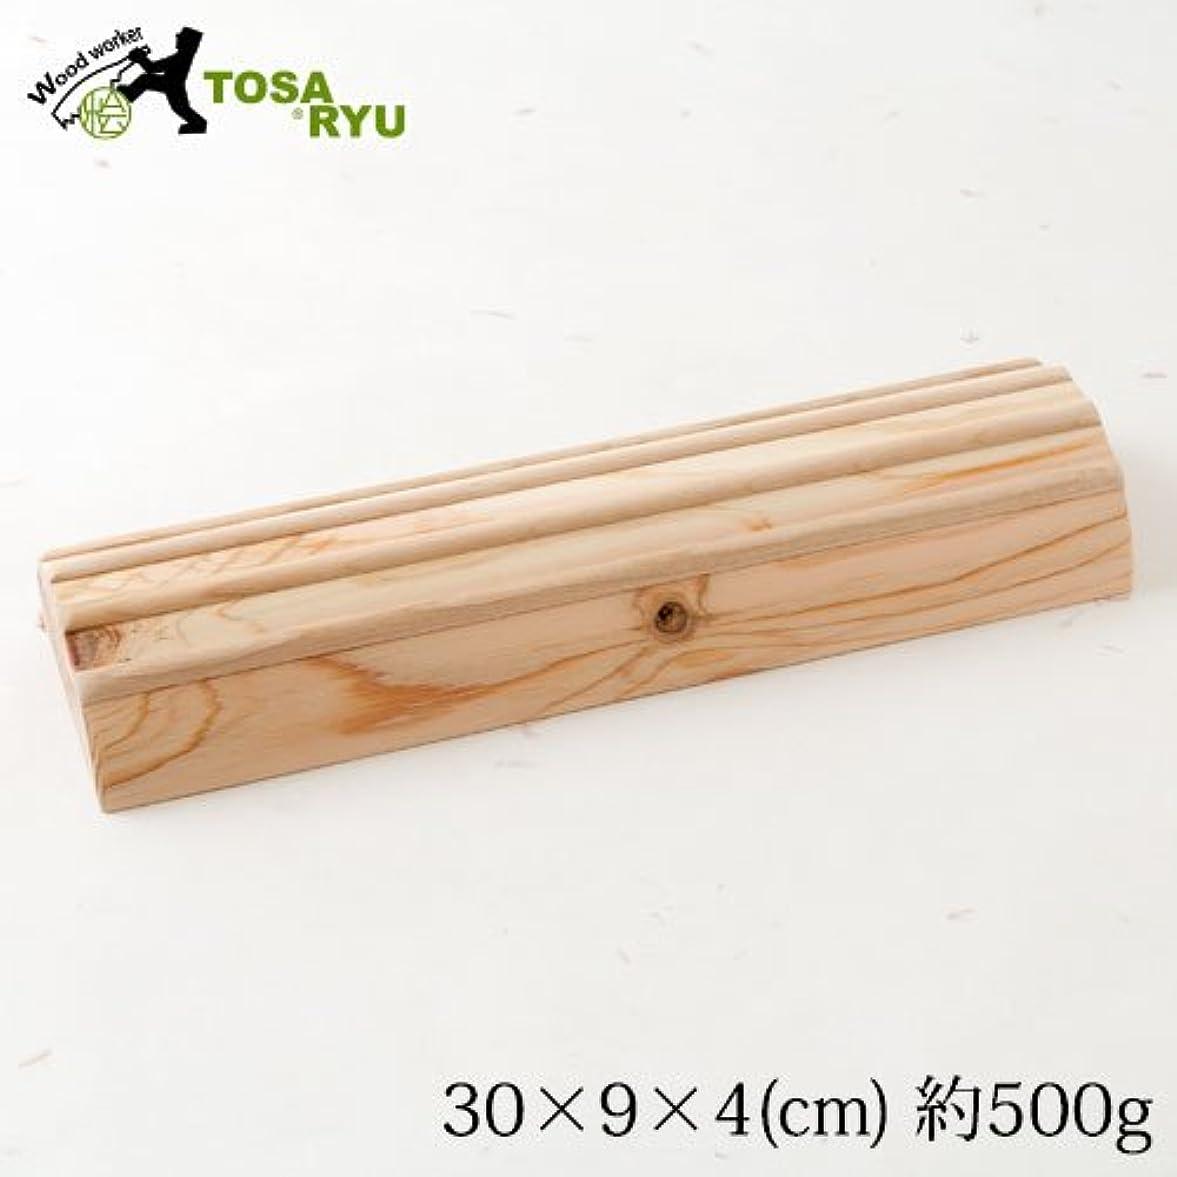 競争出席する検閲土佐龍四万十ひのき足踏み高知県の工芸品Cypress Foot Massager, Kochi craft